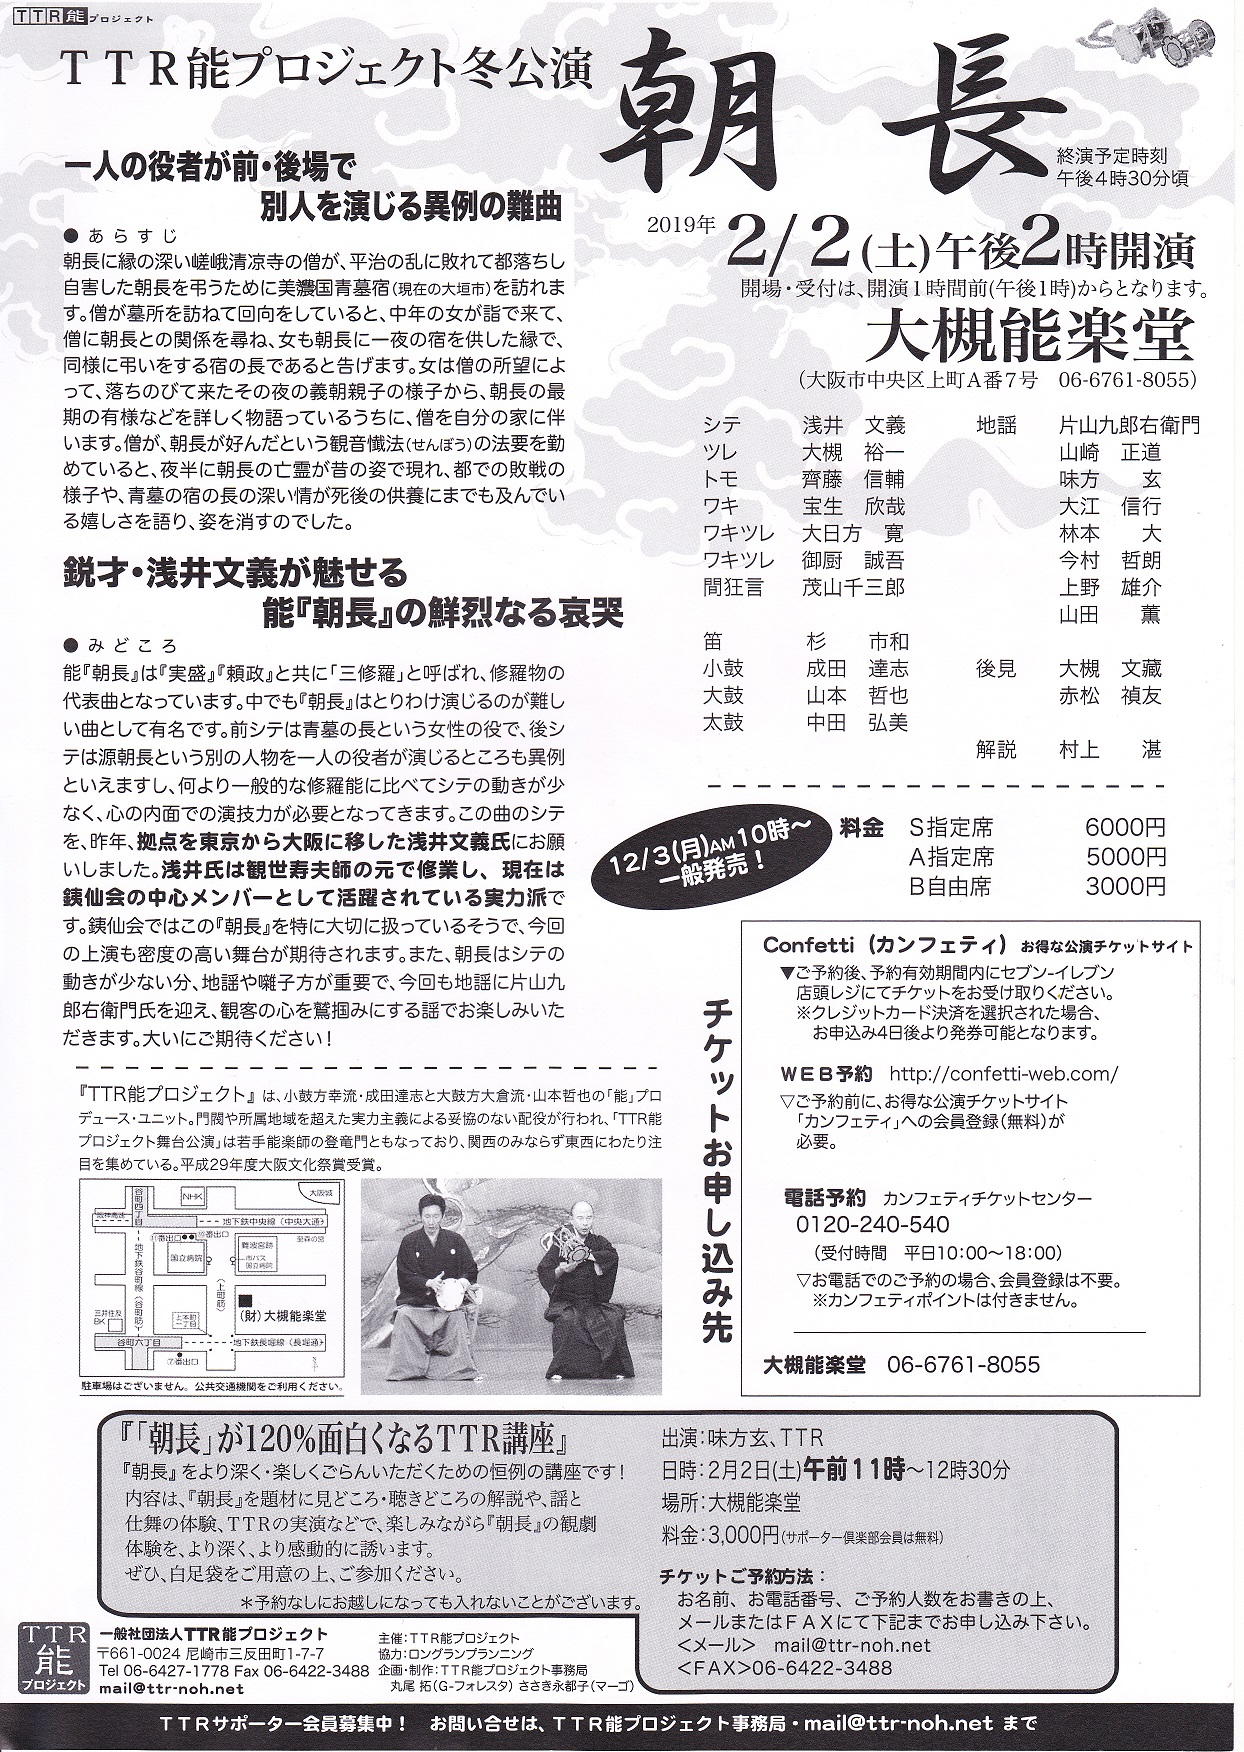 TTR能プロジェクト冬公演「朝長」